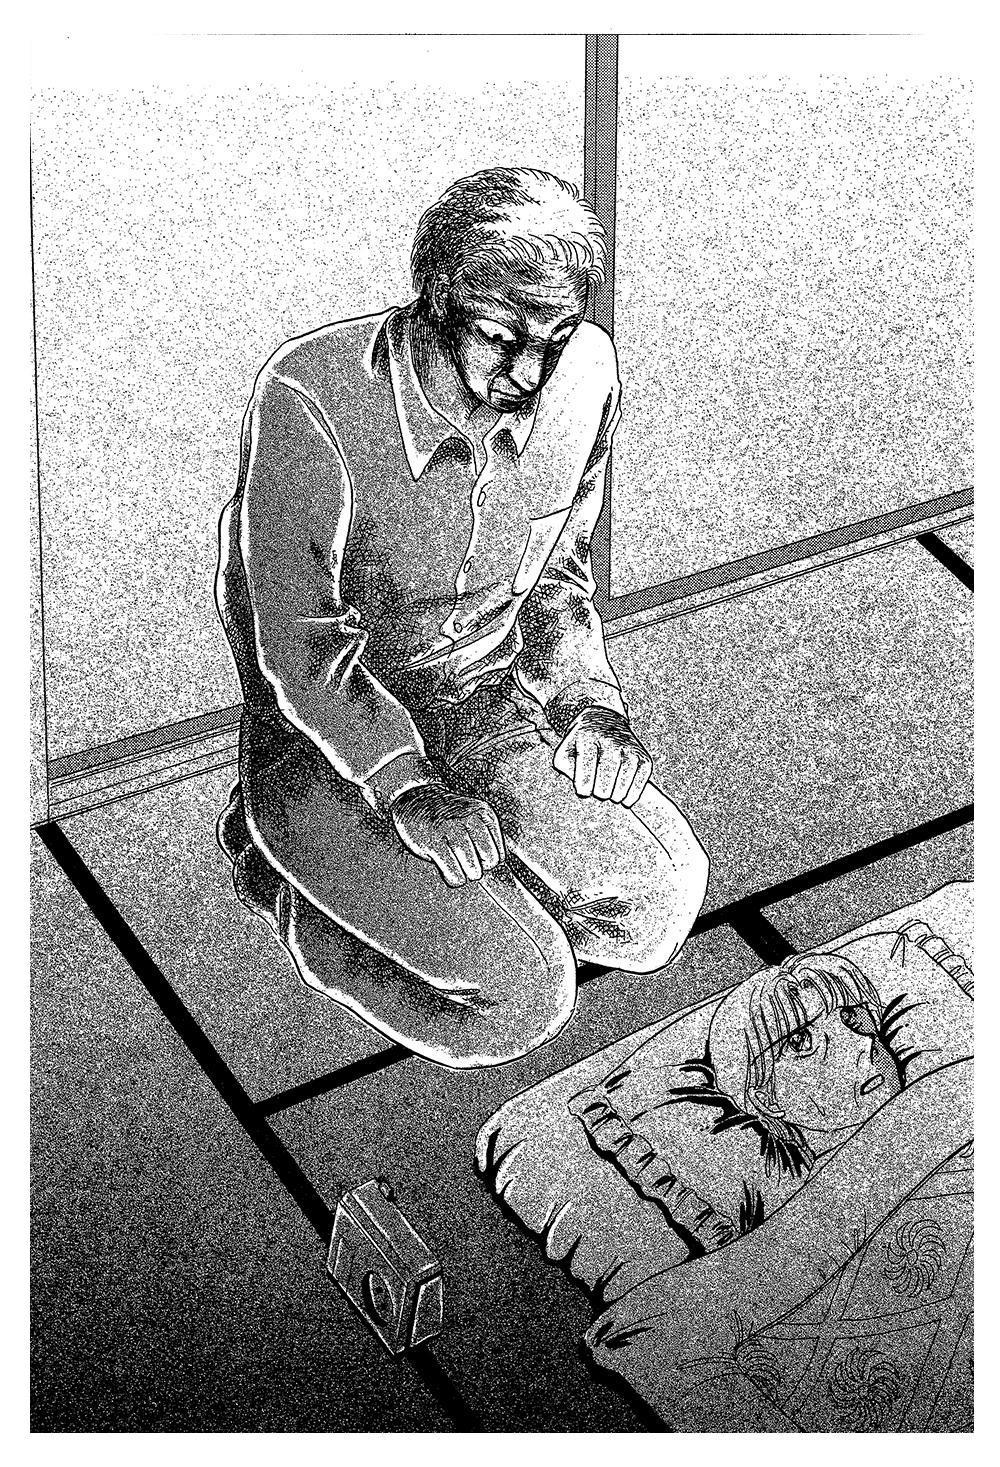 霊感ママシリーズ 第1話「花の陰影」③reikan26.jpg